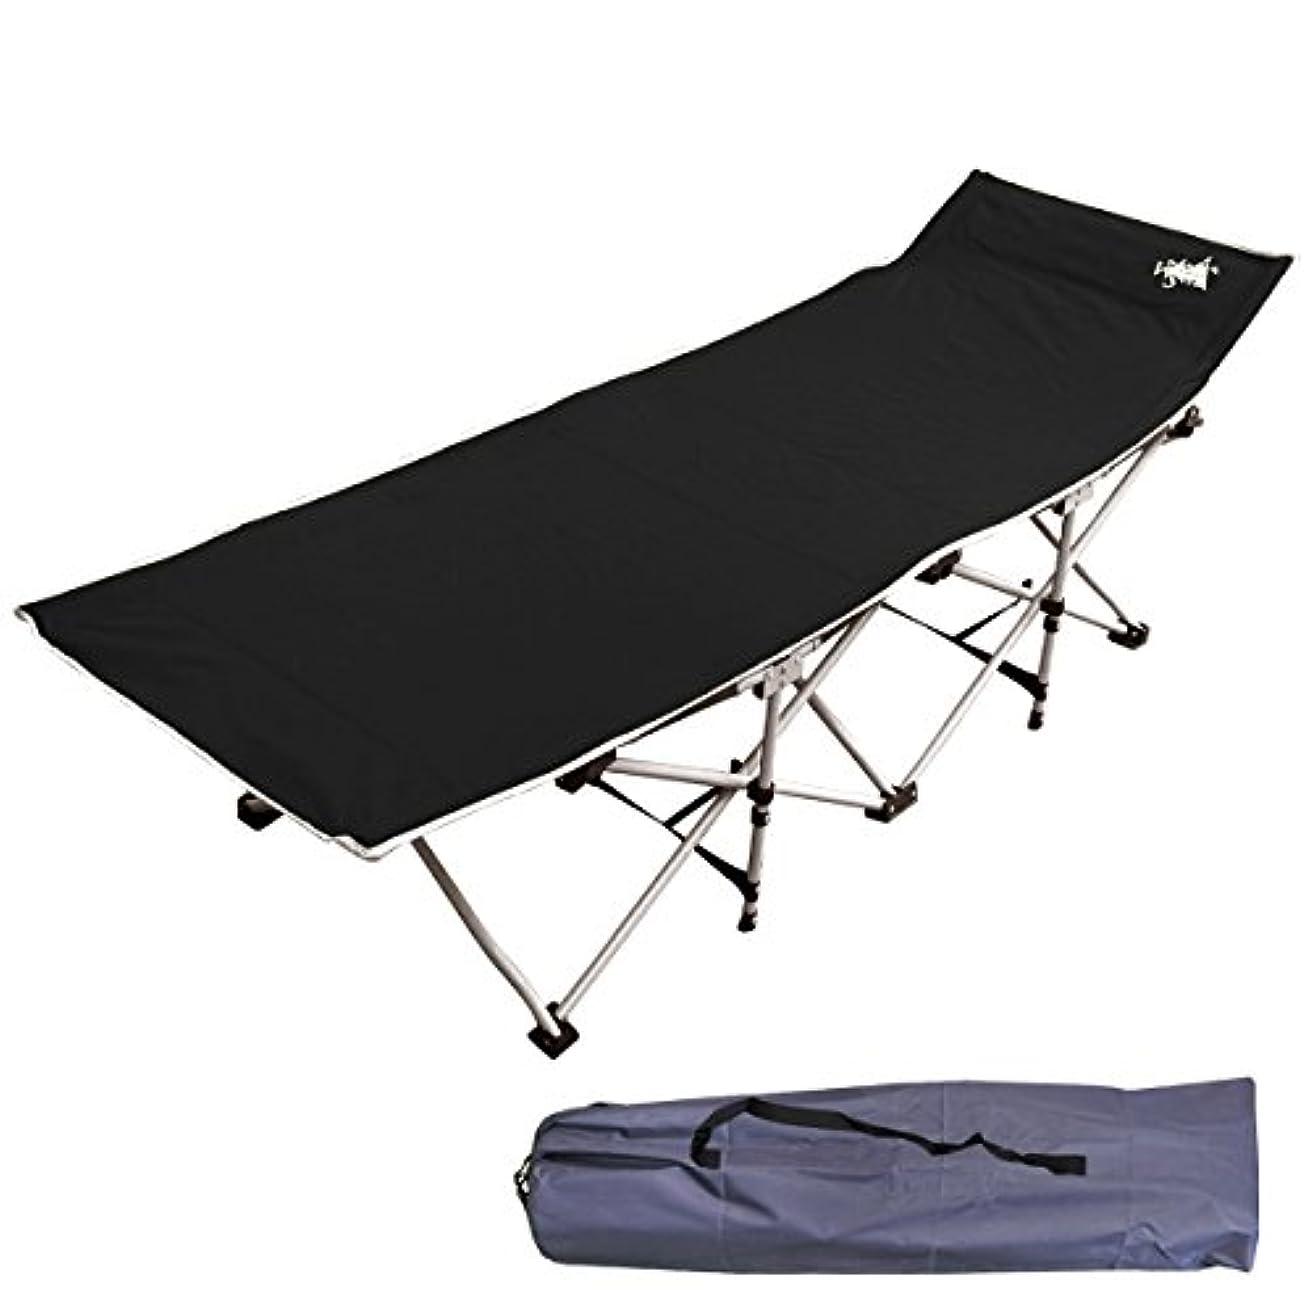 祭り鉄道リア王White Seek キャンピングコット 簡単折りたたみ式 キャンプベッド 折りたたみ式ベッド レジャーベッド 簡易ベッド